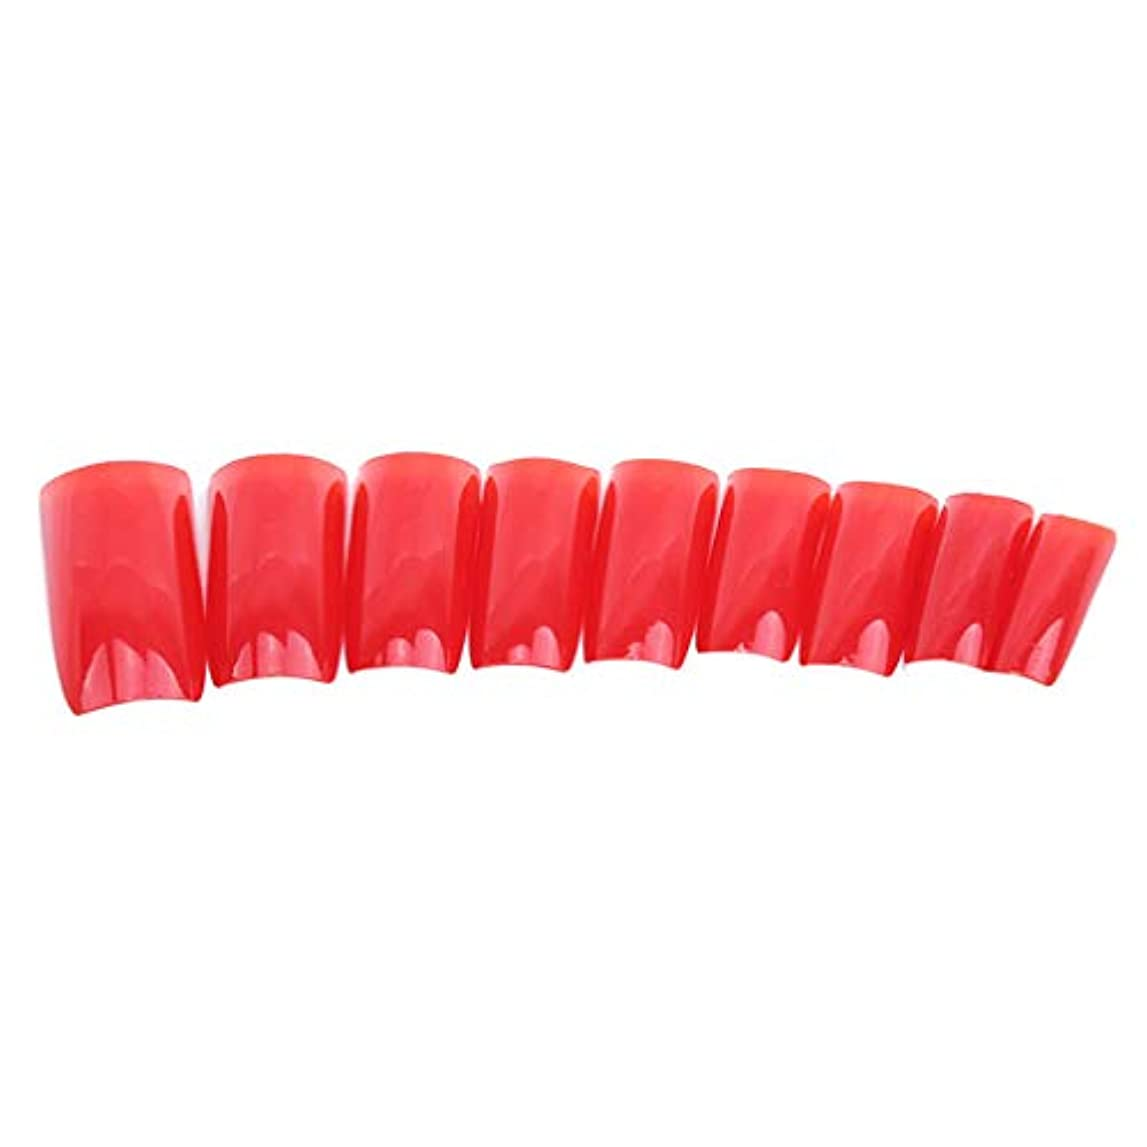 顔料差別的湿った火の色 ネイルチップ ネイルケアツール 短い爪 つけ爪 シンプル ネイルアート 結婚式 パーティー 二次会 赤色